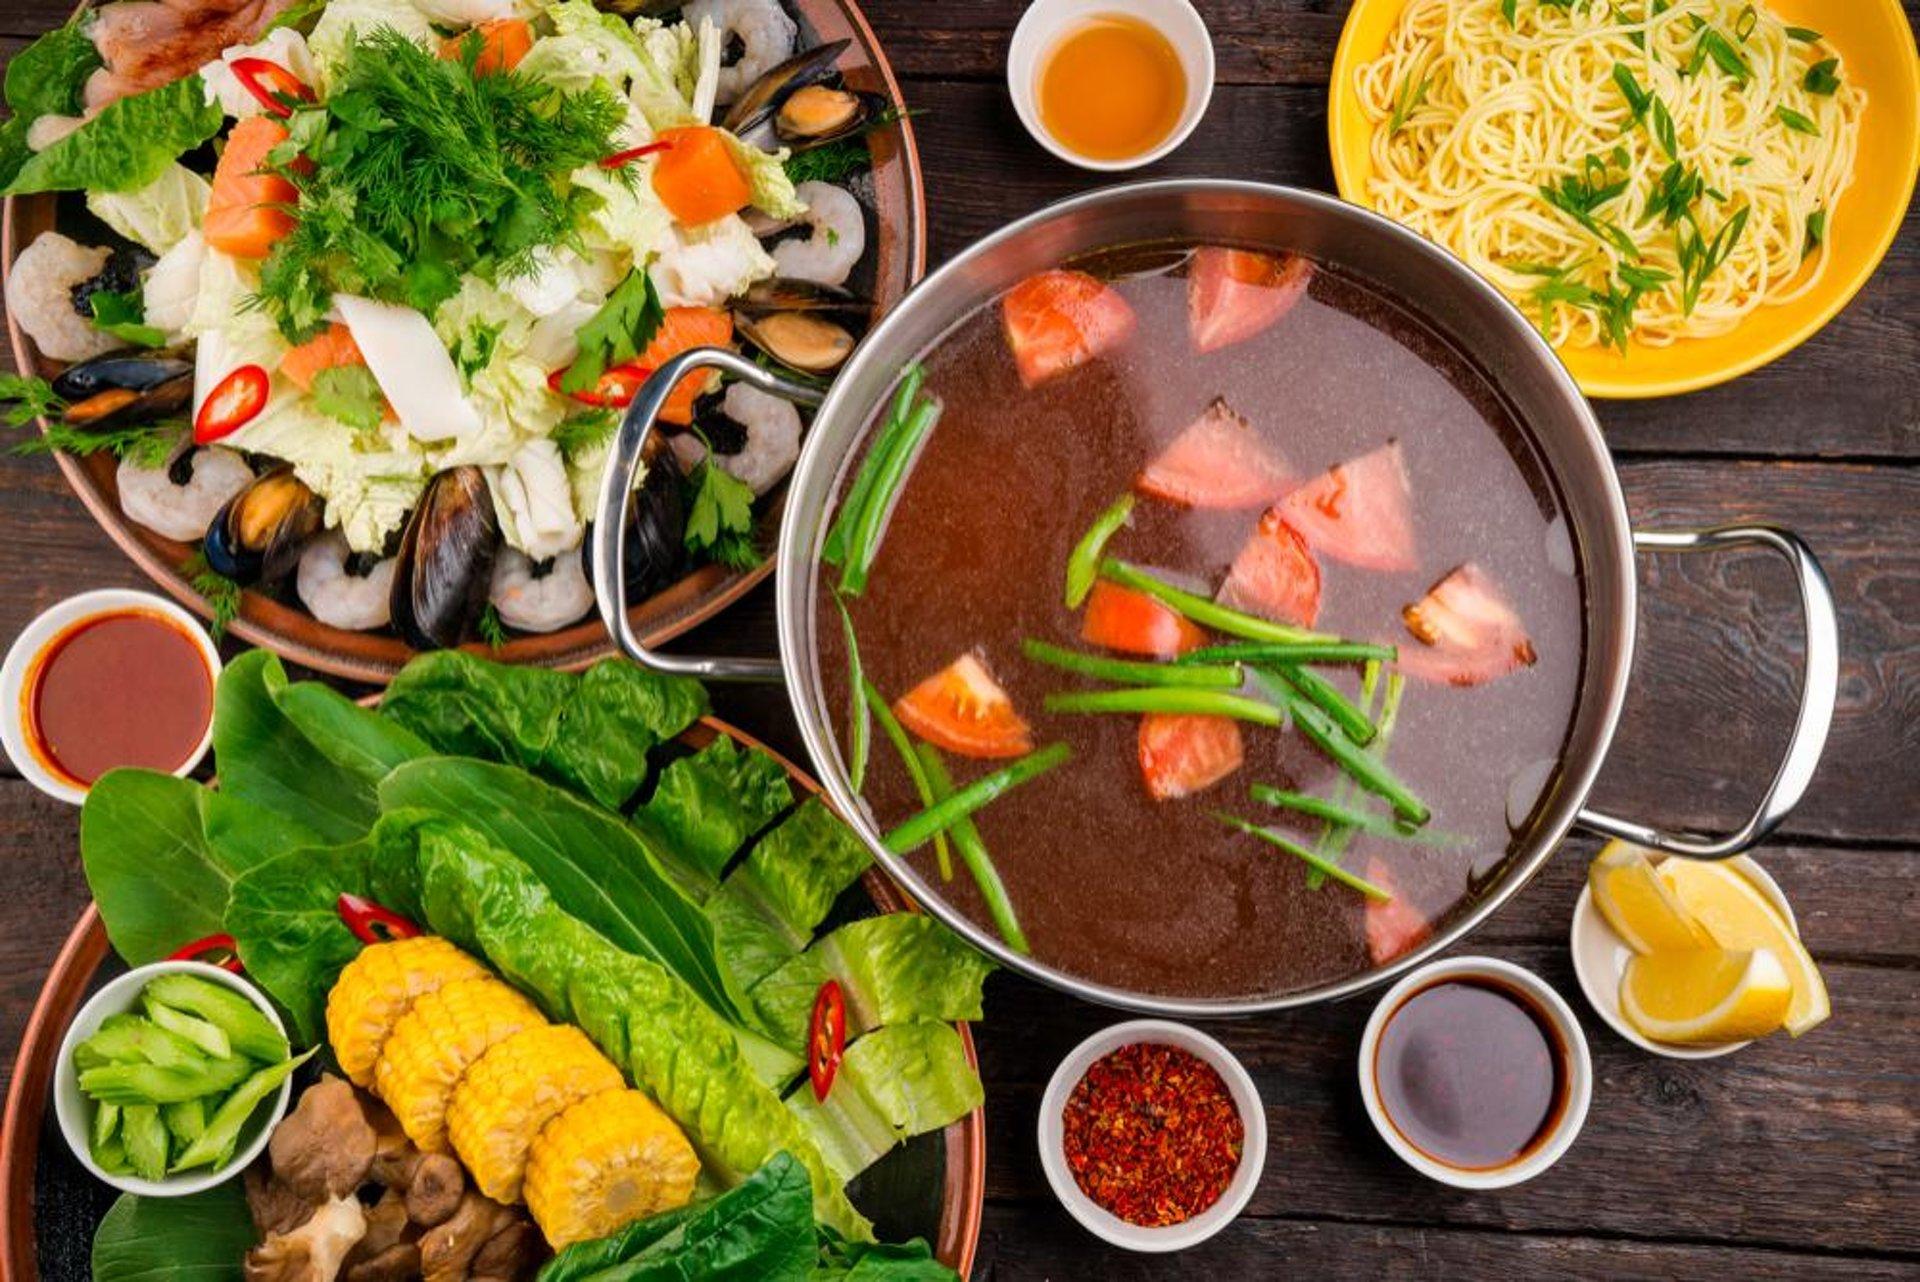 Приглашаем на мастер-класс по приготовлению вьетнамского супа